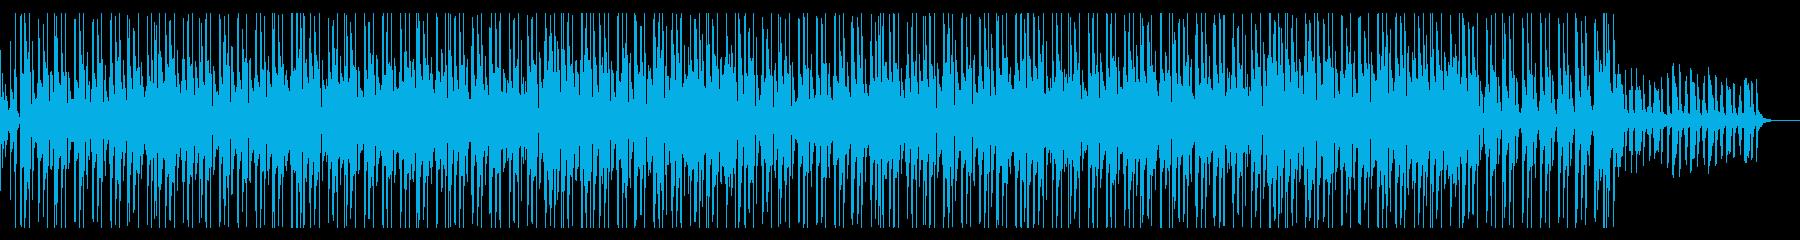 おしゃれで大人なジャズ、ヒップホップの再生済みの波形